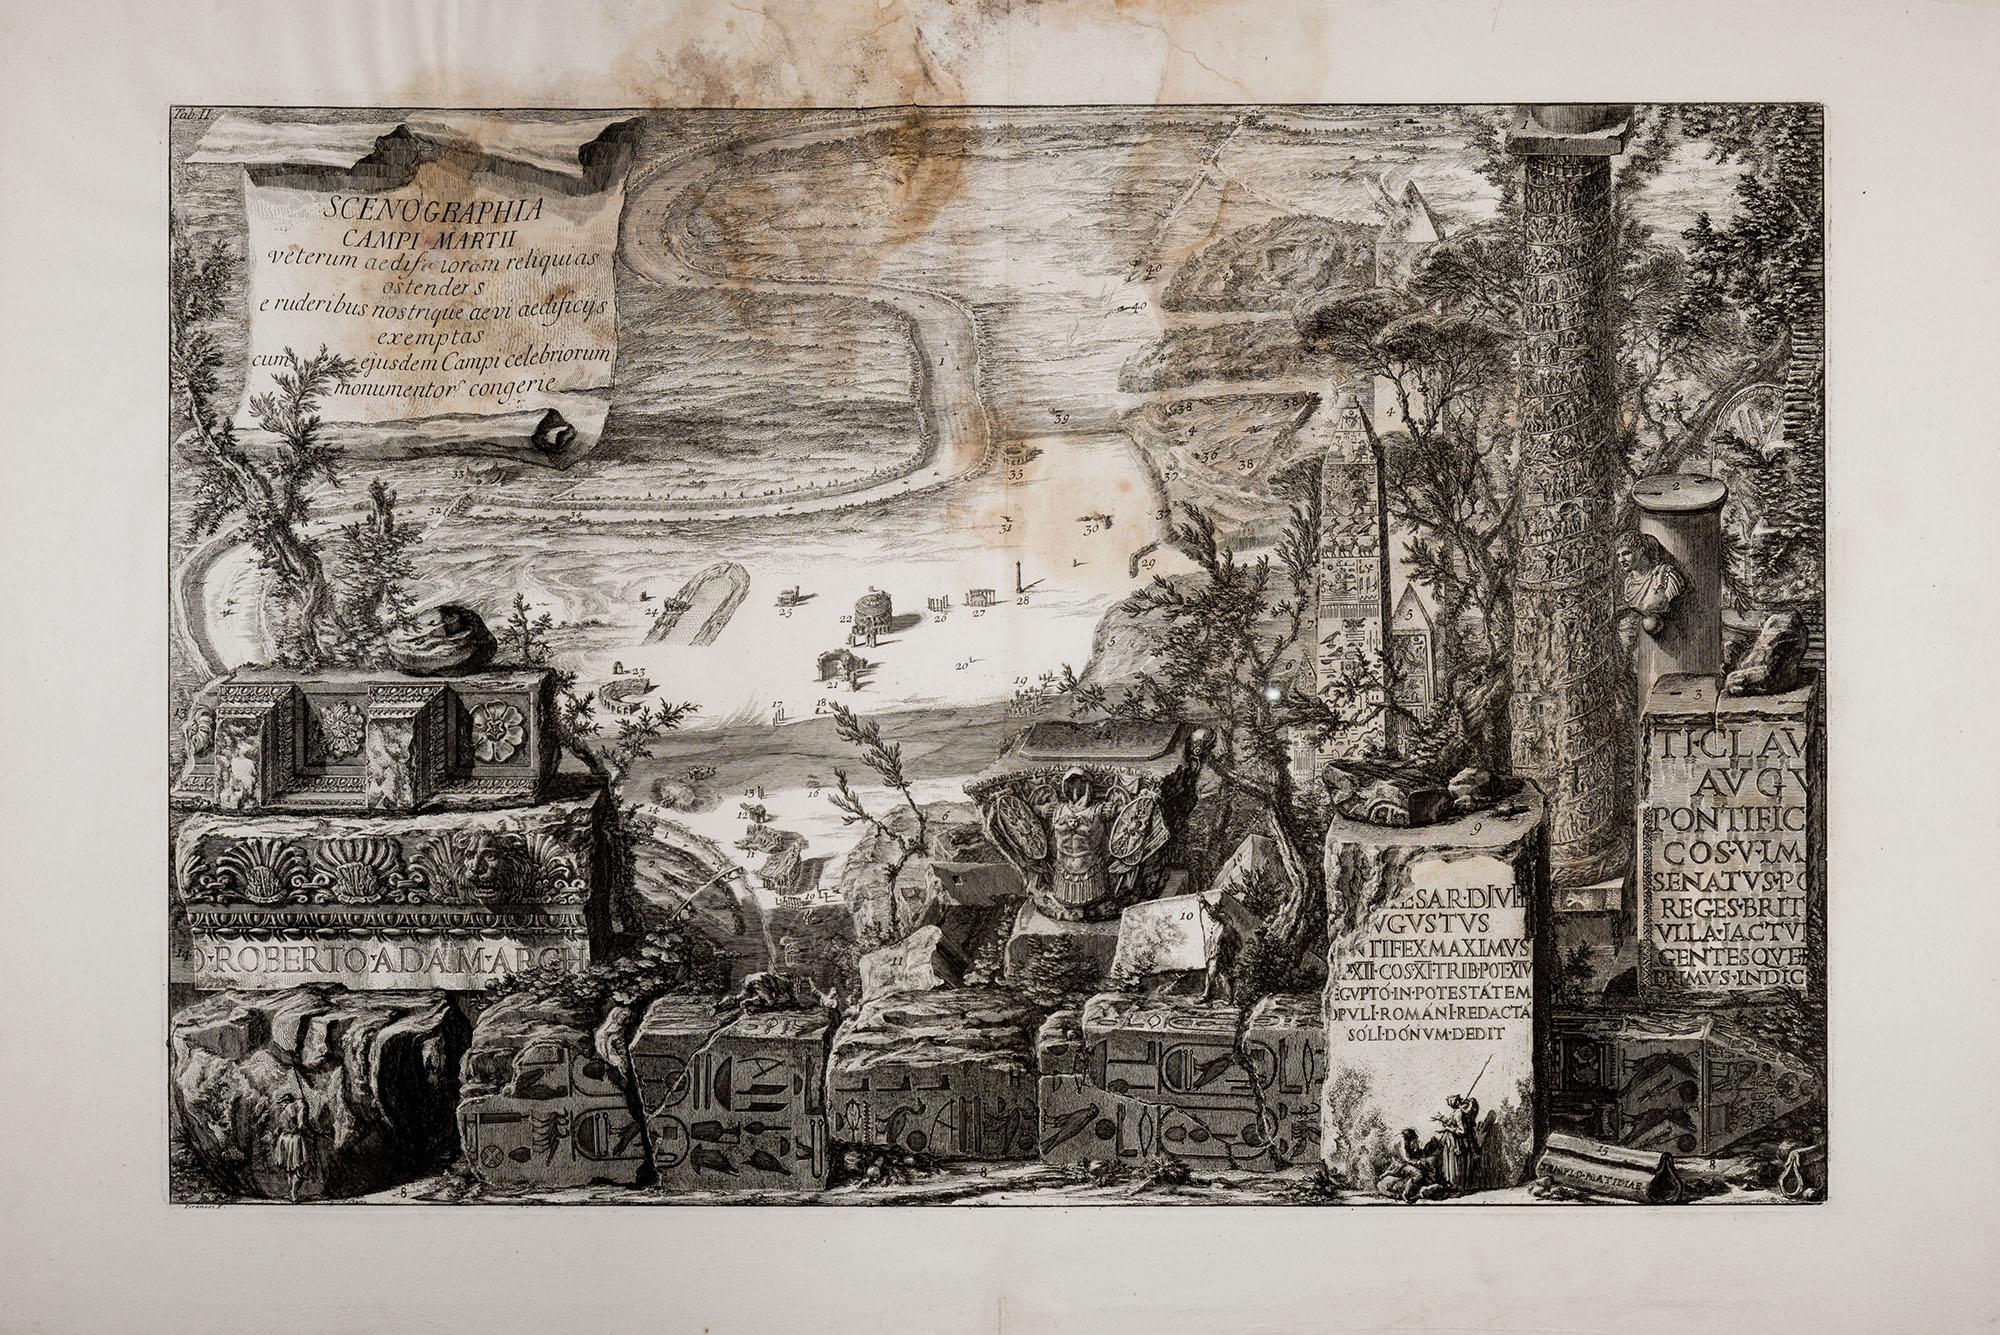 9. Scenographia Campi Martii